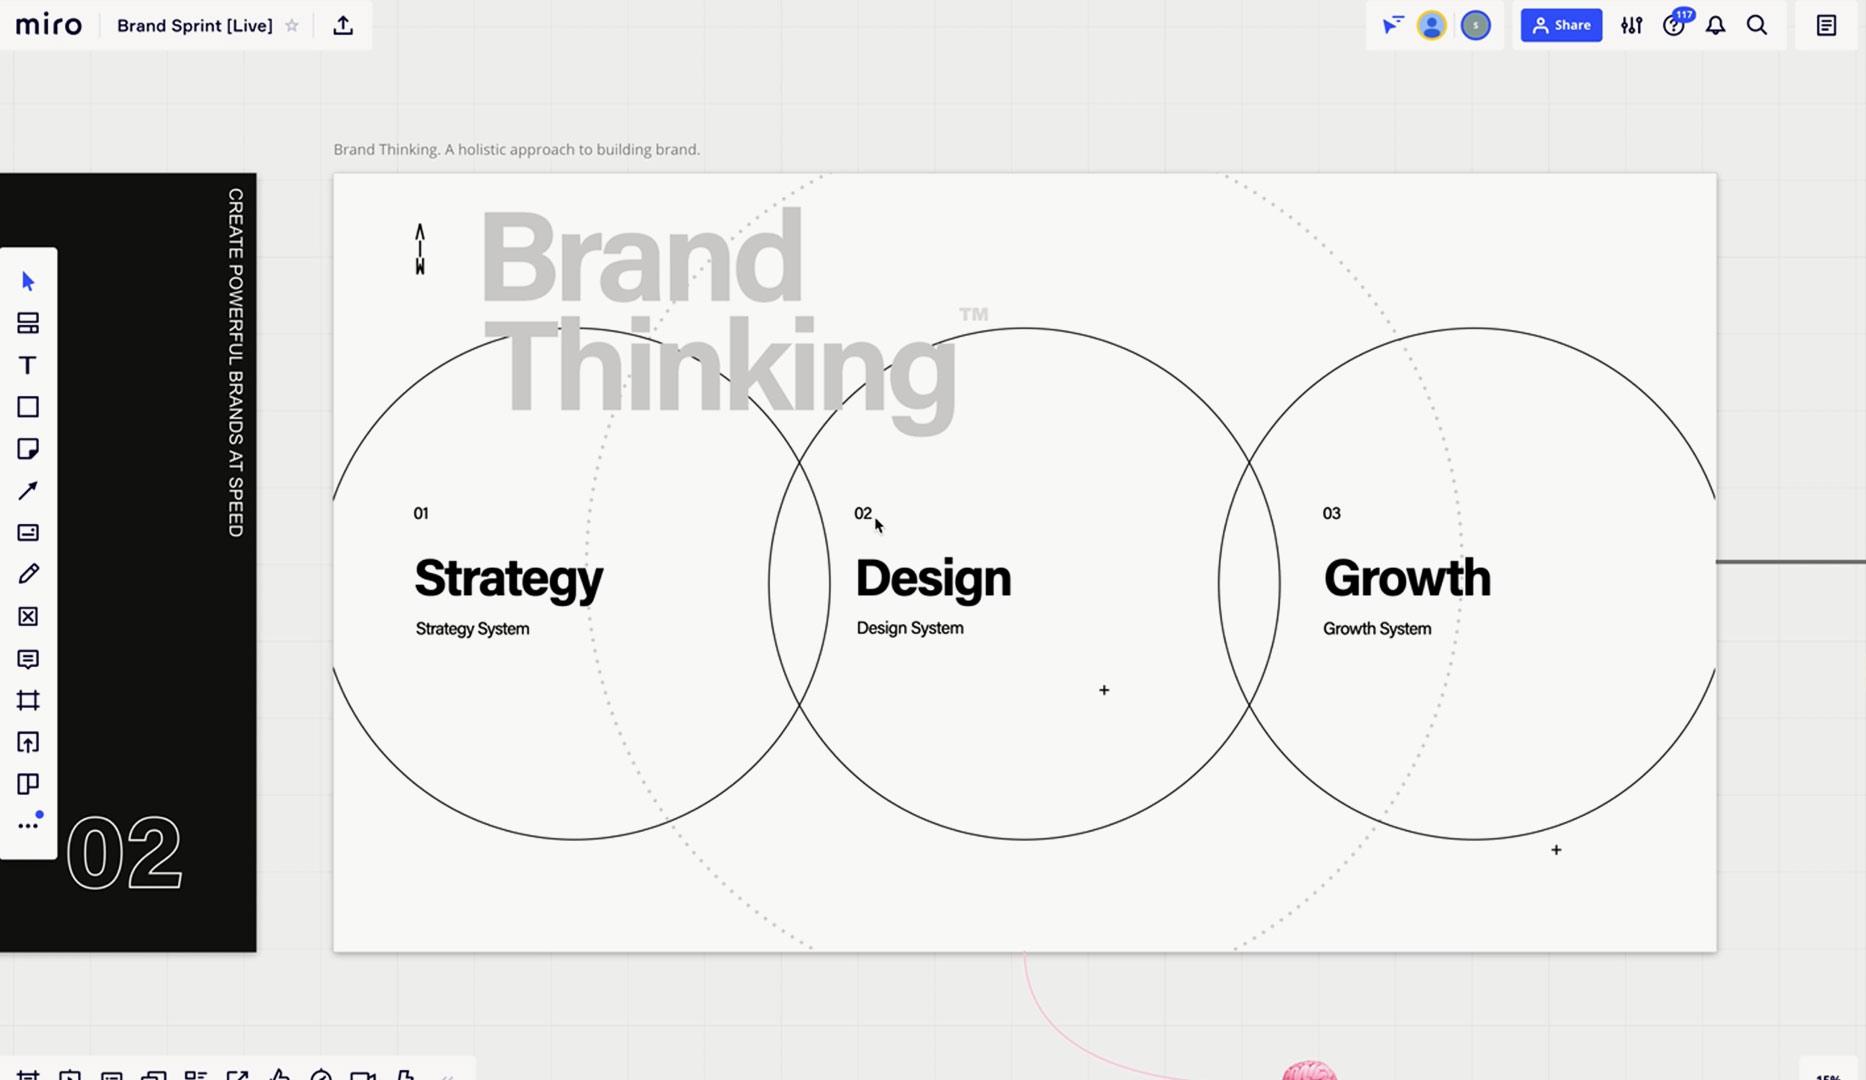 brand-sprint-strategy-frame-reveal